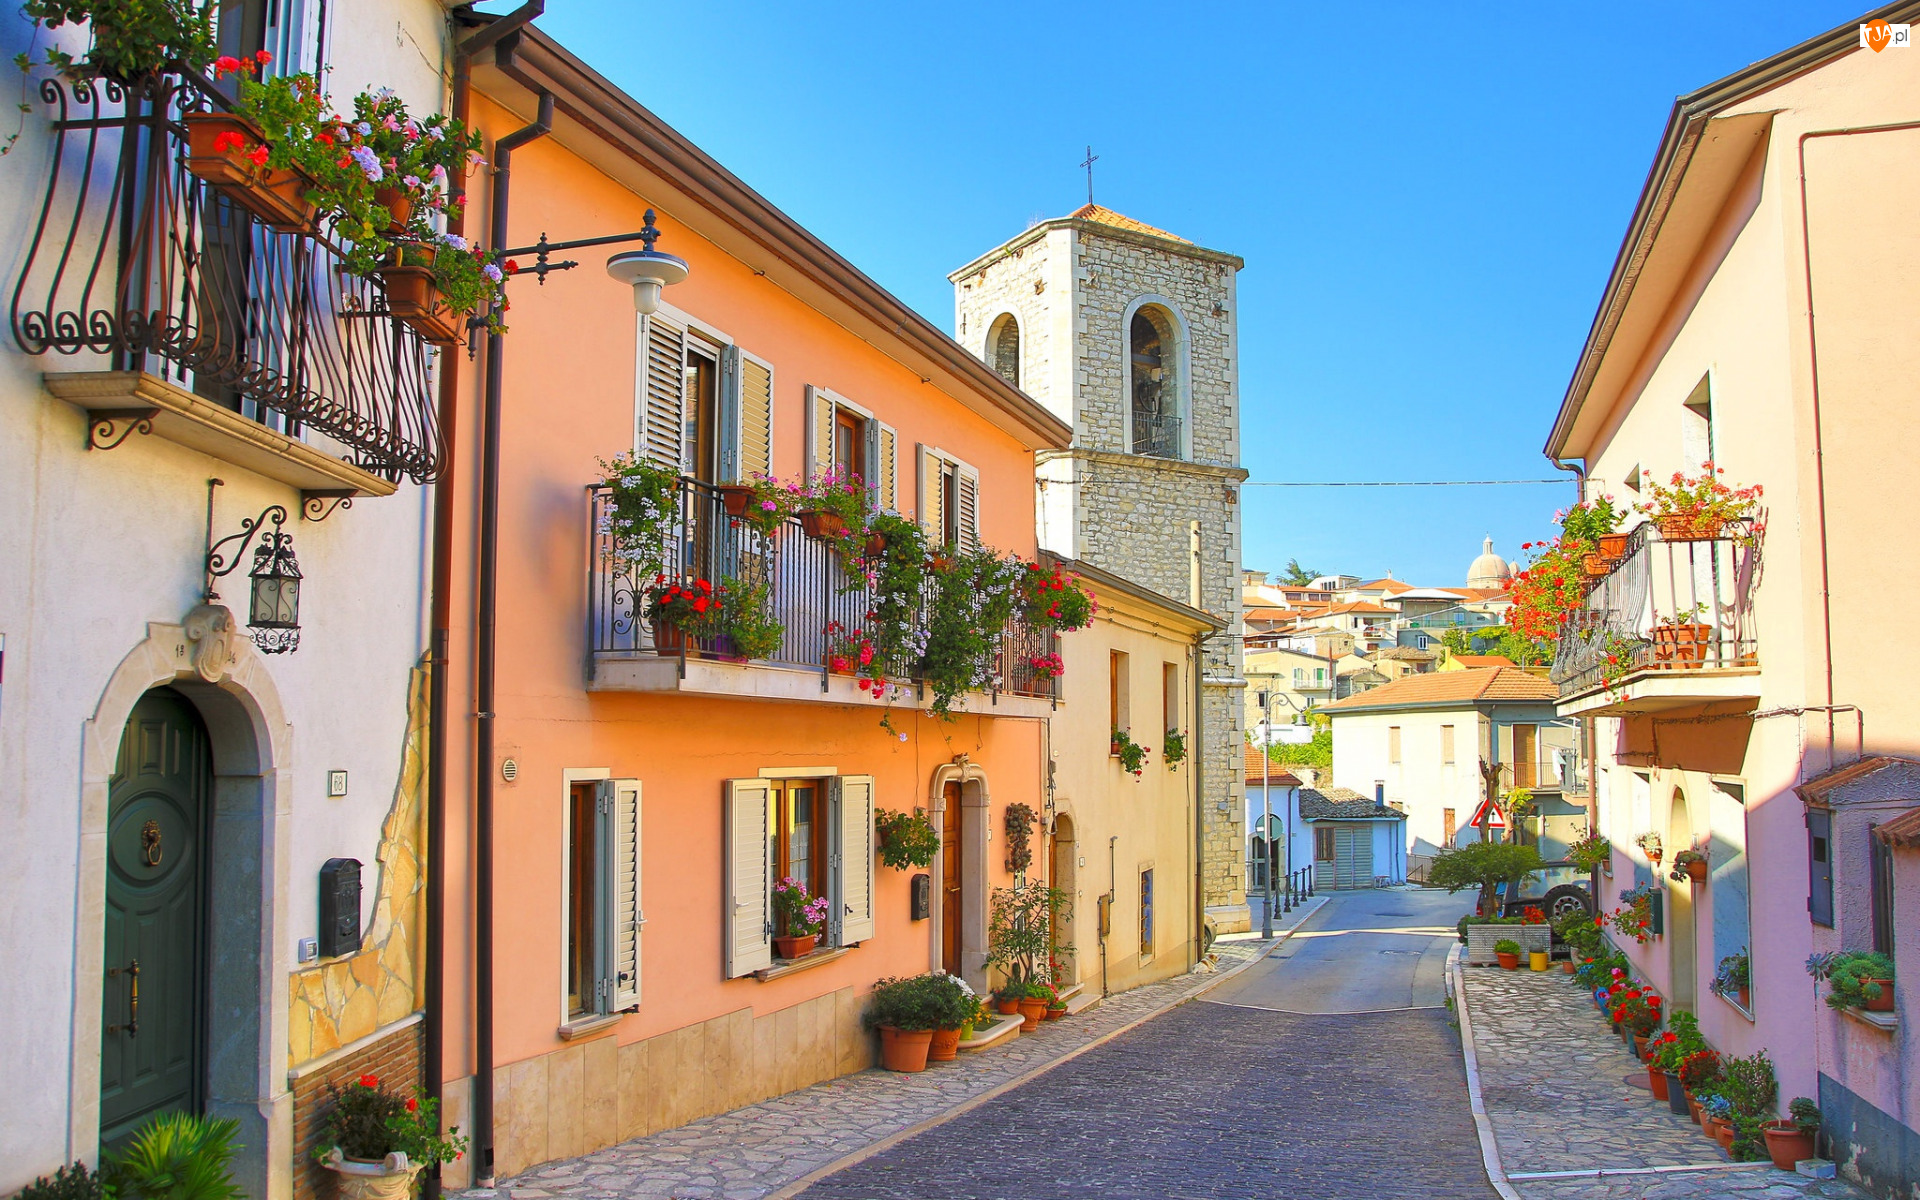 Włochy, Domy, Prowincja Avellino, Balkony, Fontanarosa, Wieża, Ulica, Kolorowe, Kwiaty